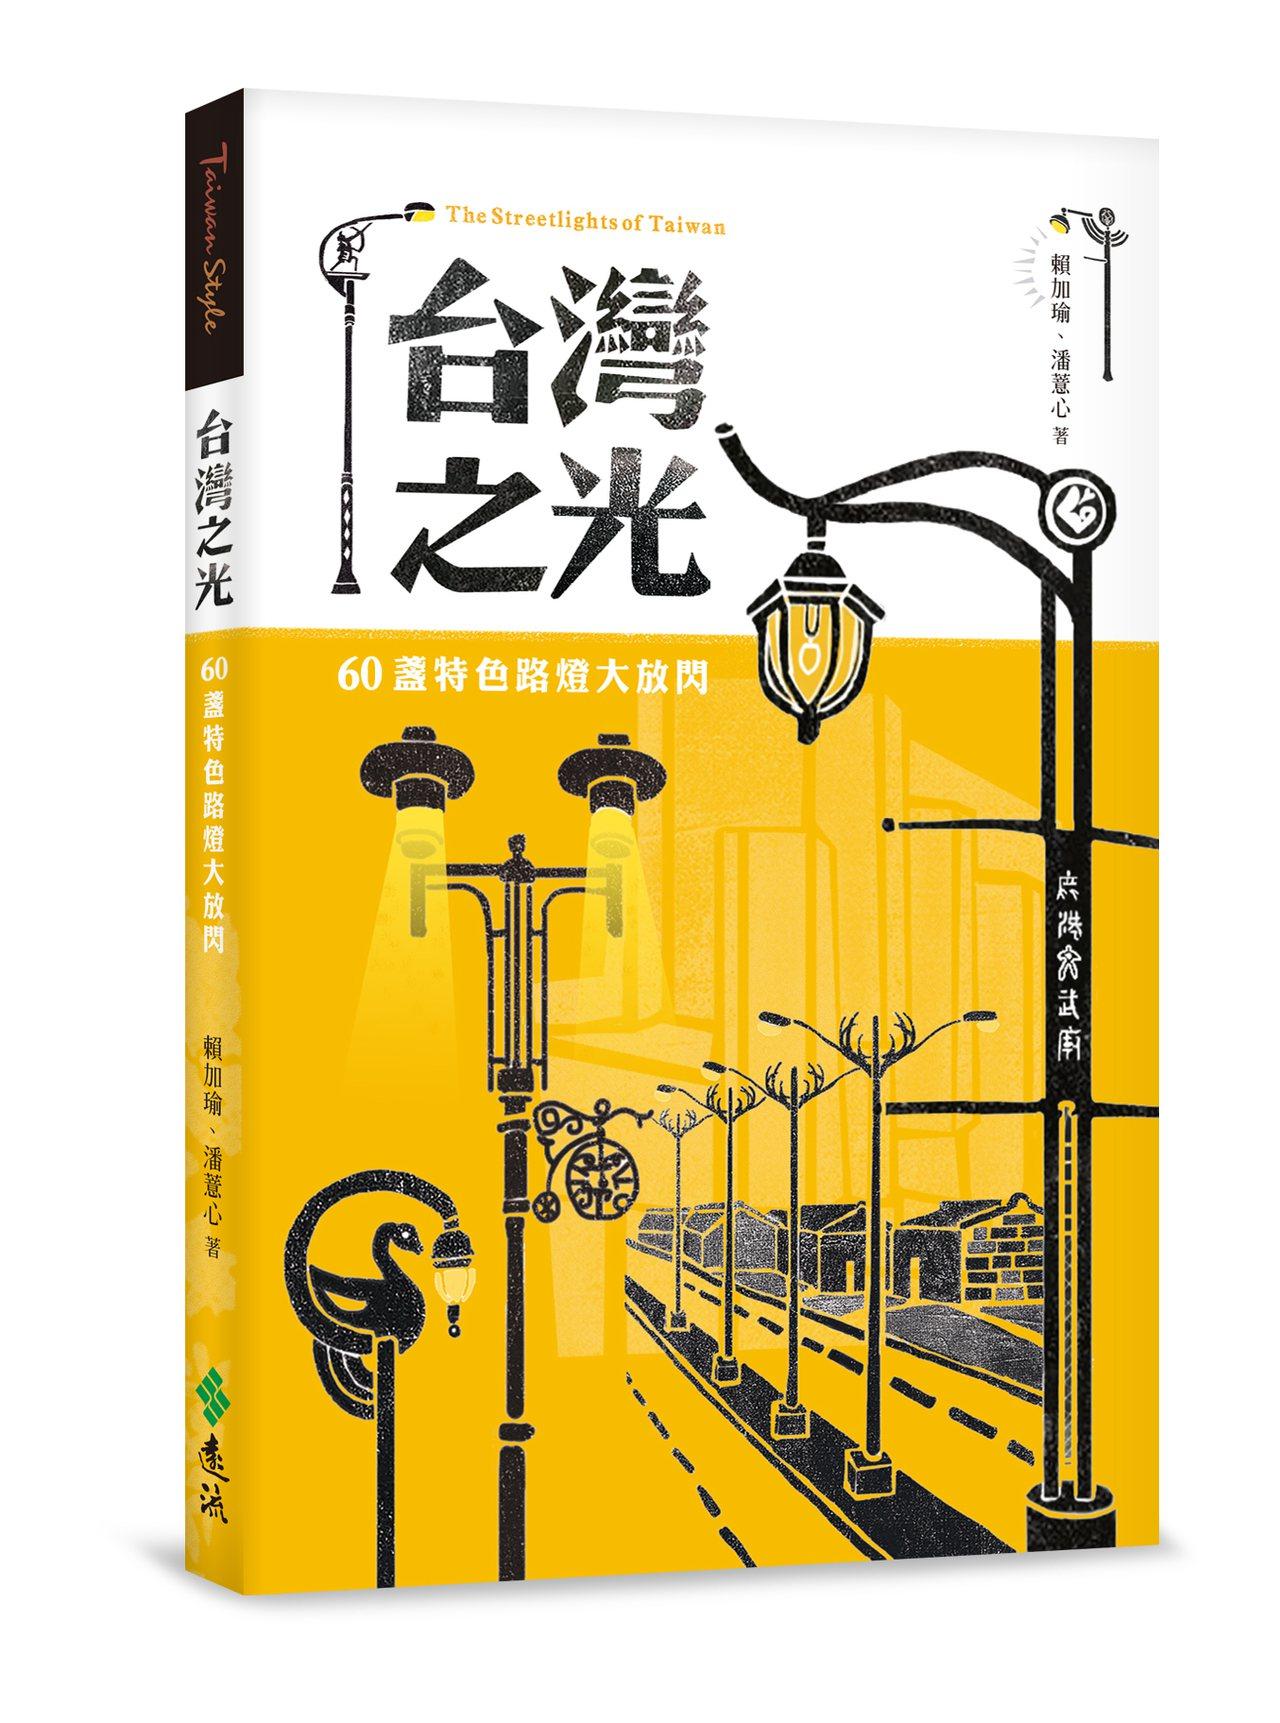 「台灣之光」整理全台60盞特色路燈,發現不一樣的城市風景。圖/遠流提供